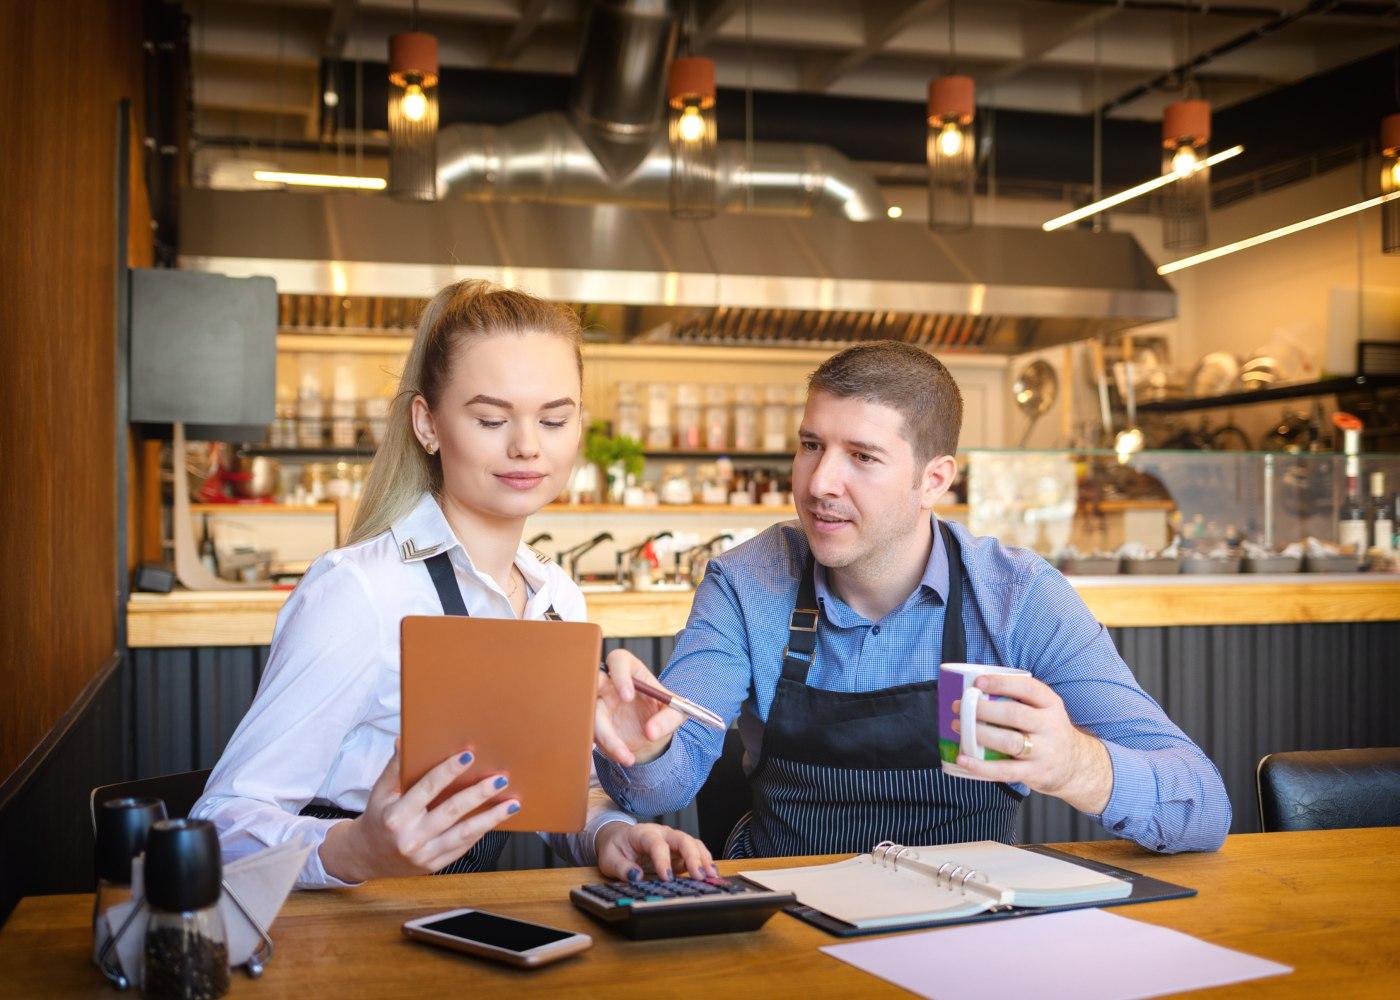 jovem com idade mínima pata trabalhar empregada num café